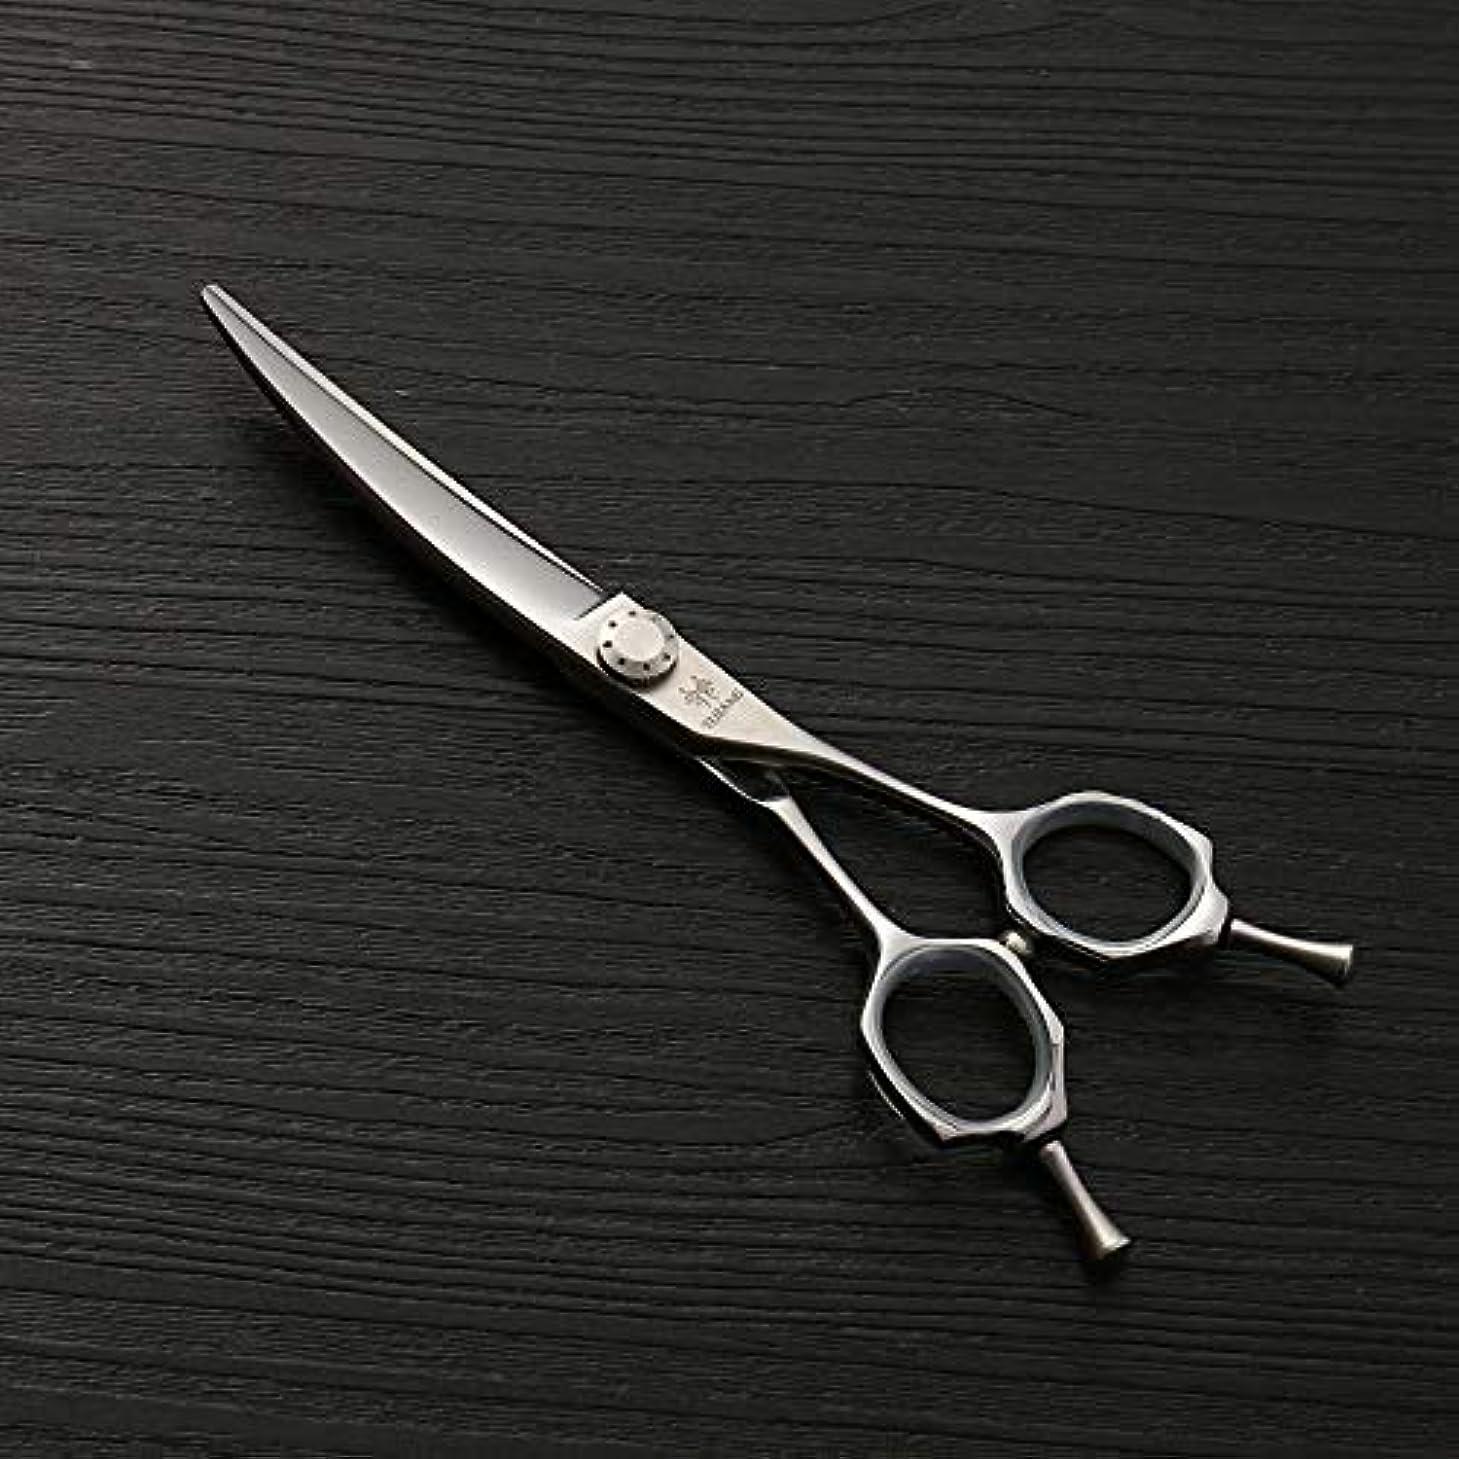 バケツ蜜気がついてHOTARUYiZi 散髪ハサミ カットバサミ 耐久性 プロ 散髪はさみ ヘアカット セニング すきバサミ カットシザー 品質保証 美容院 専門カット 髪カット (色 : Silver)